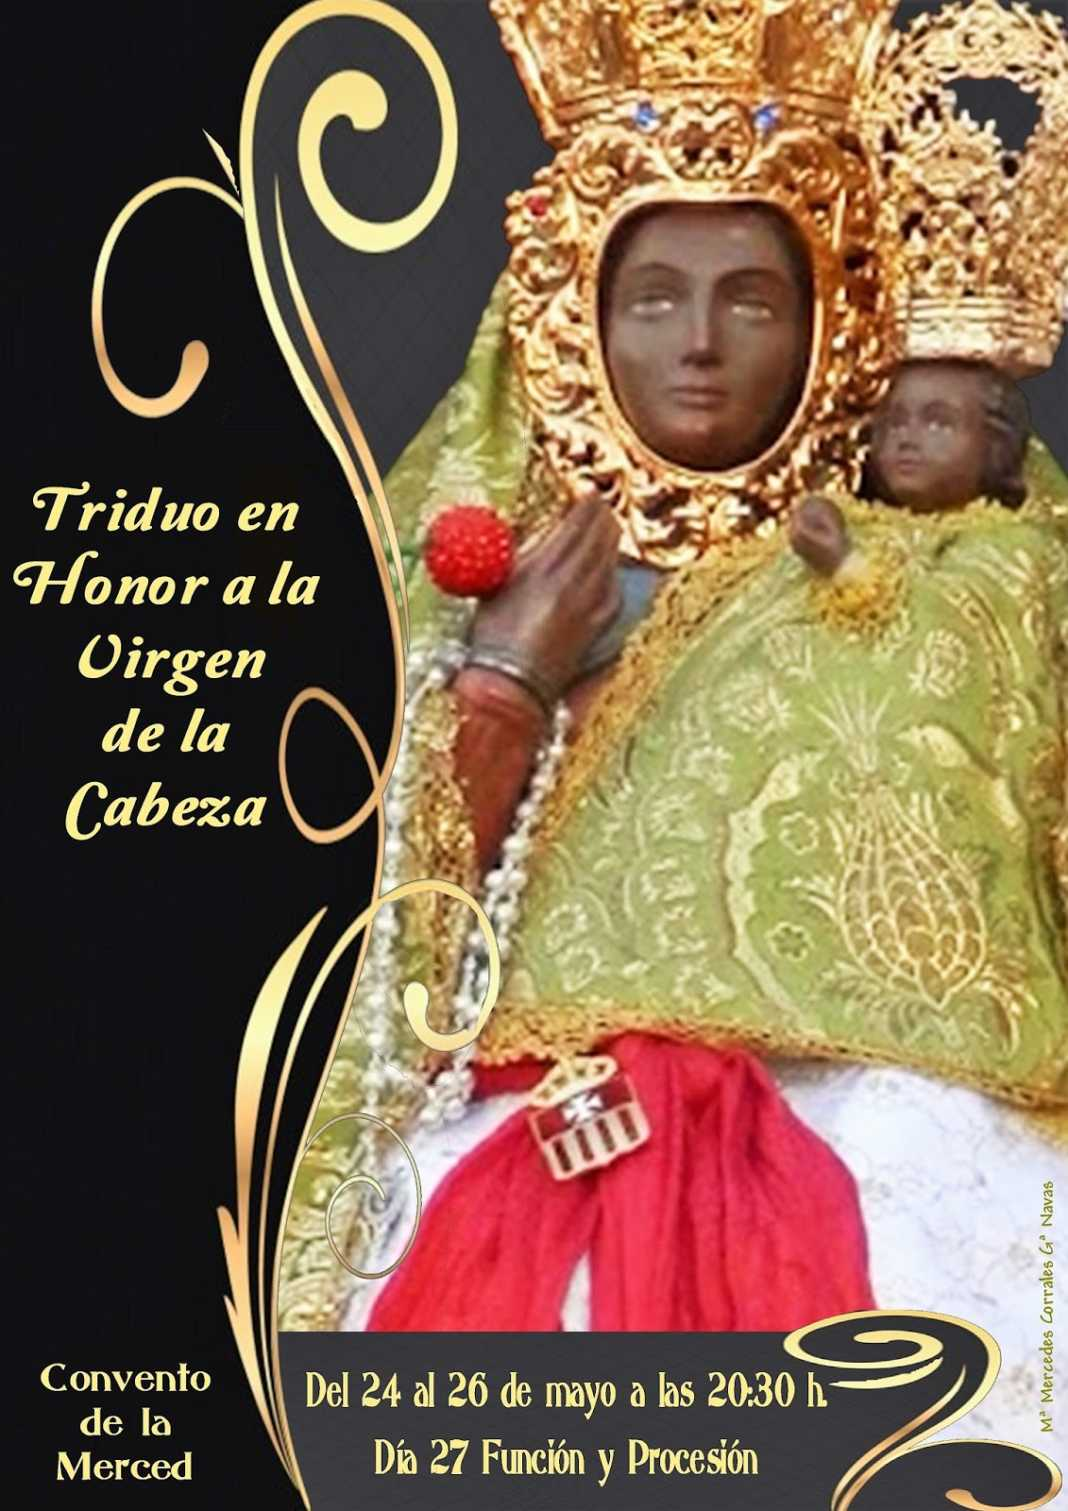 Triduo en honor a la Virgen de la Cabeza en el Convento de la Merced 2